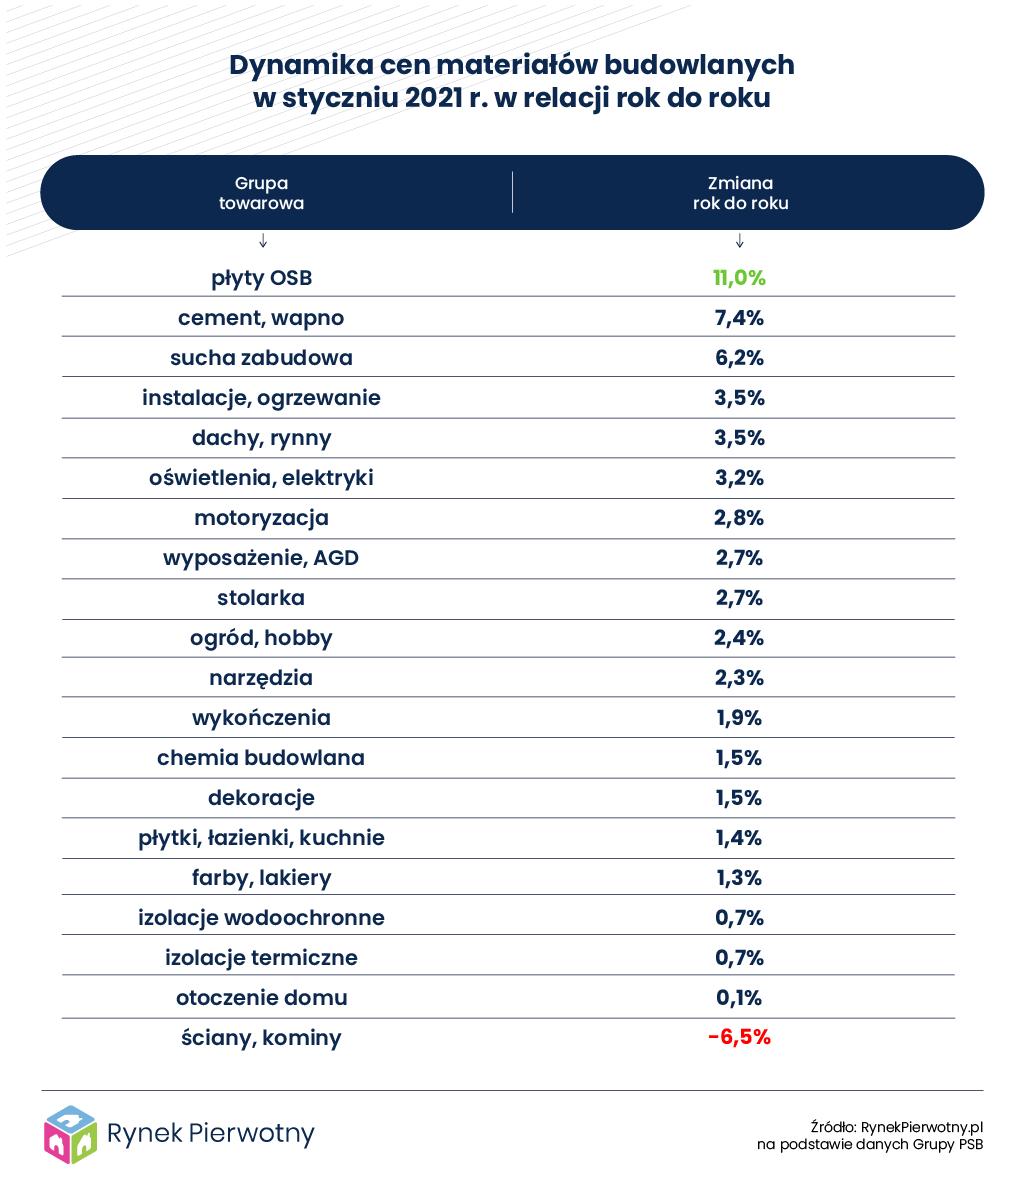 Tabela – Dynamika cen materiałów budowlanych